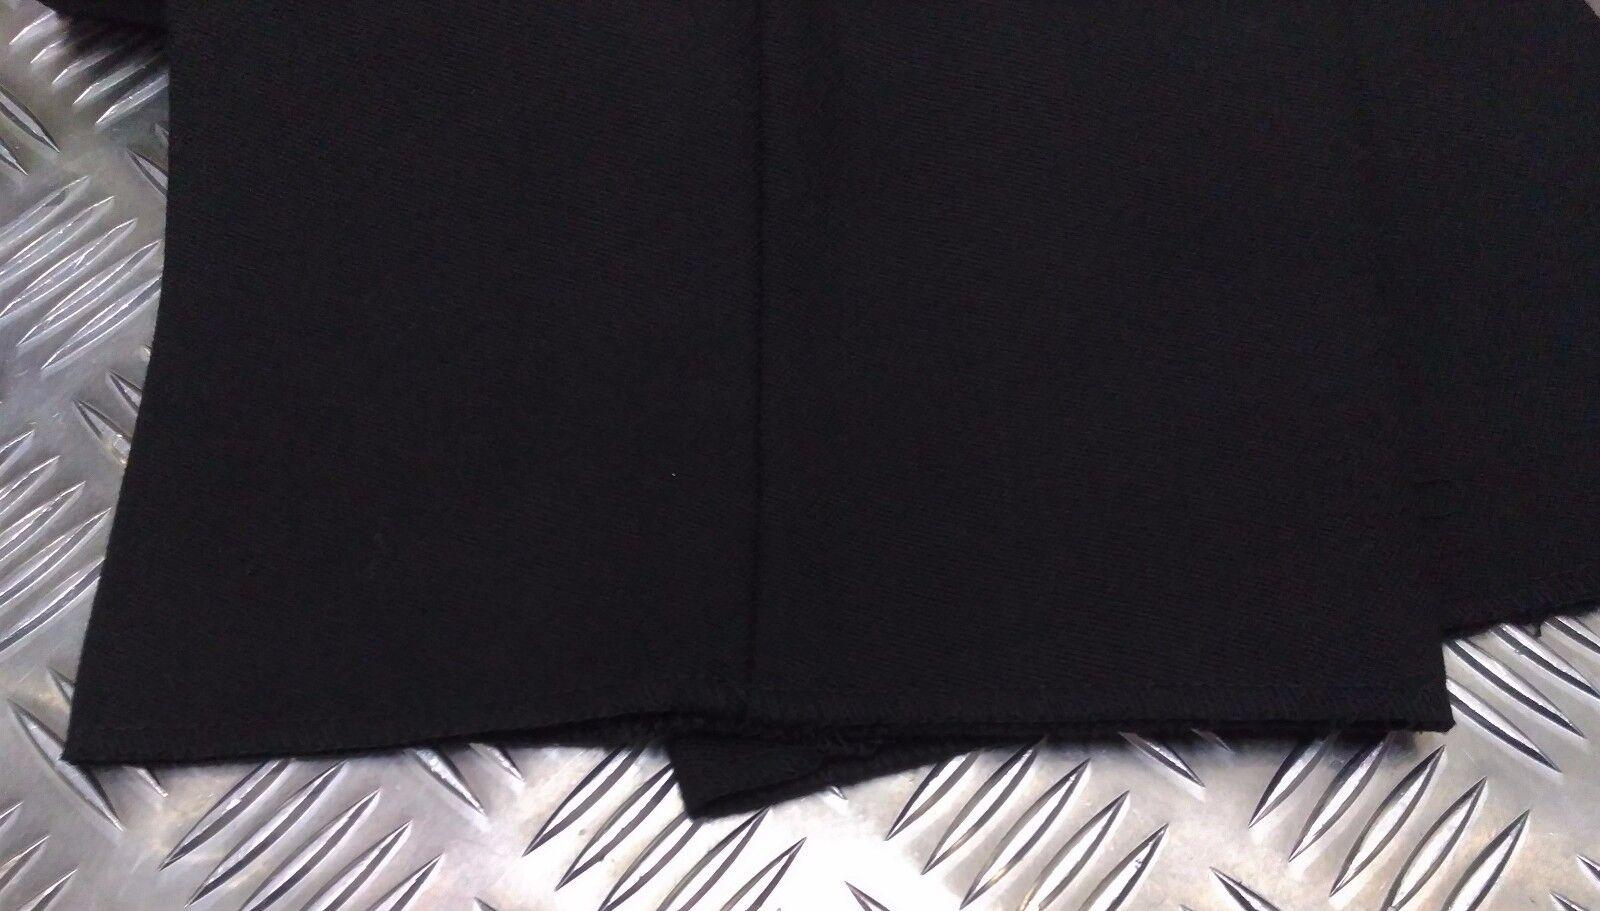 Original Britisch Damen 100% Wolle Polizei Hosen   Btp Btp Btp Bobby Alt Bill Retro Wpc   Lebhaft und liebenswert    Exzellente Verarbeitung    Nutzen Sie Materialien voll aus    Heißer Verkauf  3beb7b